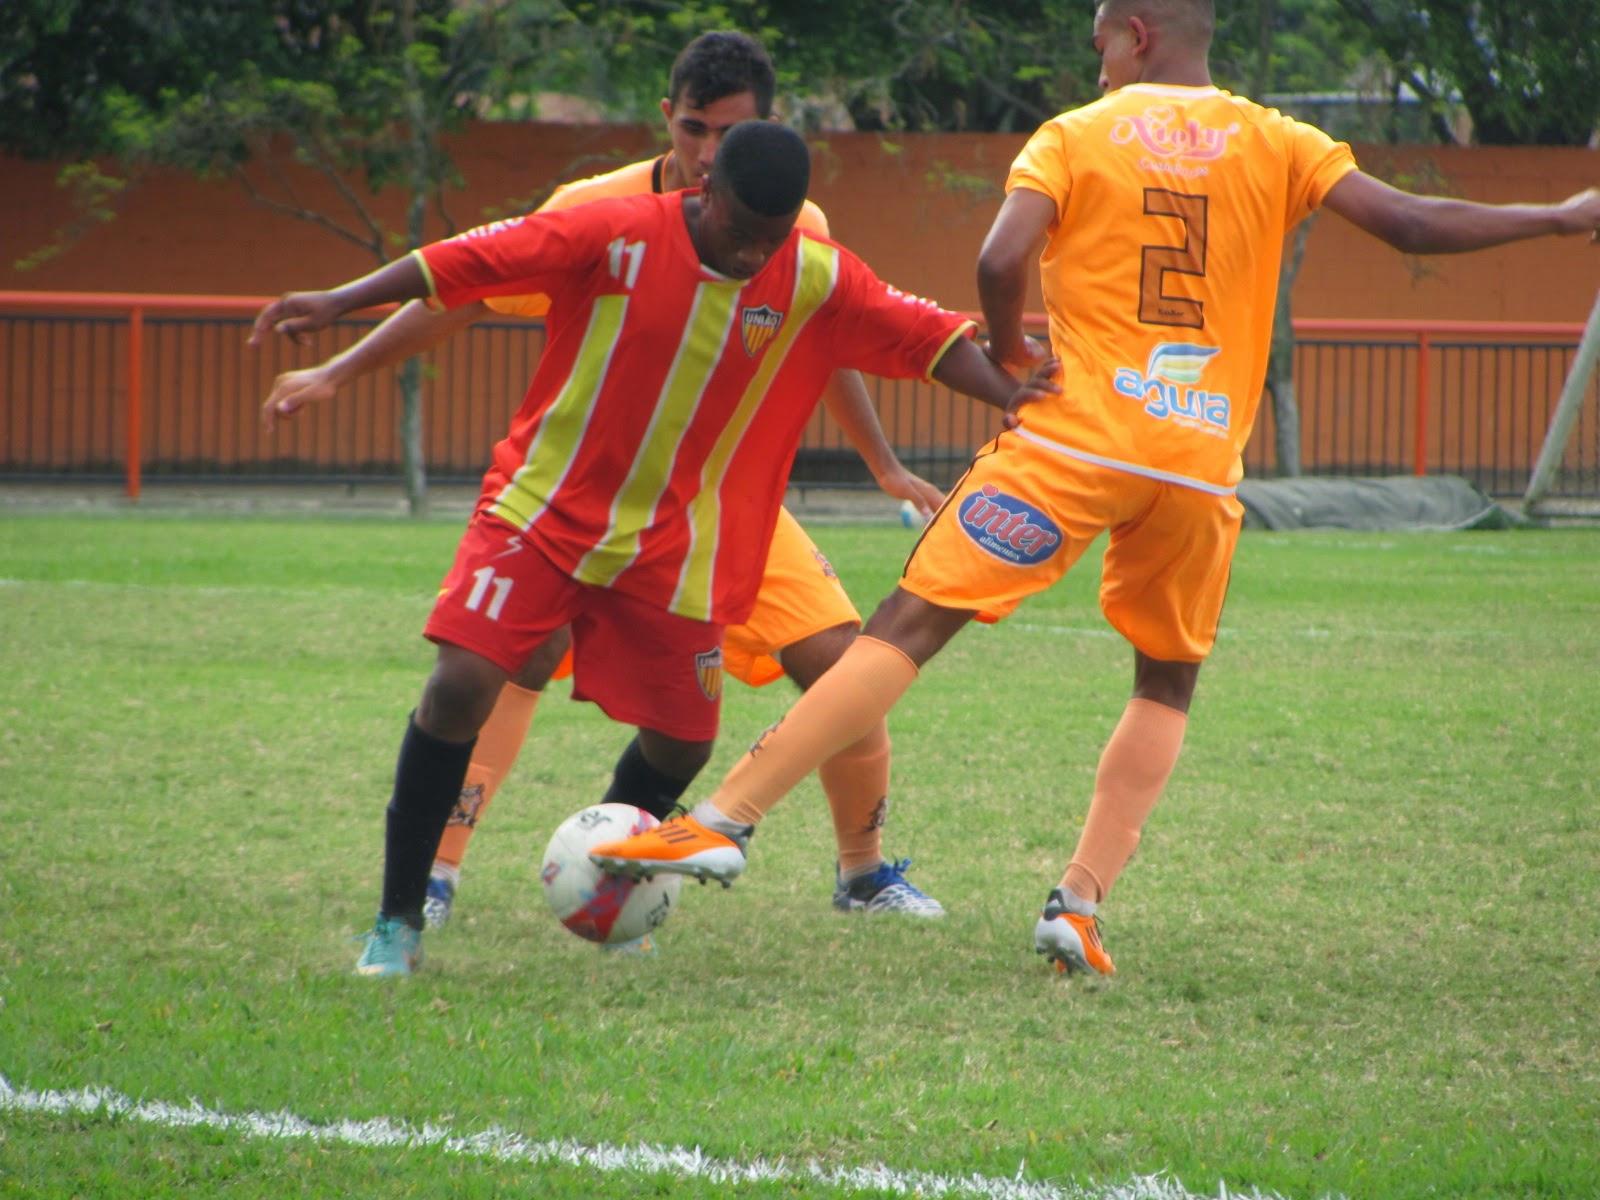 Folha do Iguassú  A bola vai rolar para o Torneio de Verão Iguaçuano 27b23c3583f00